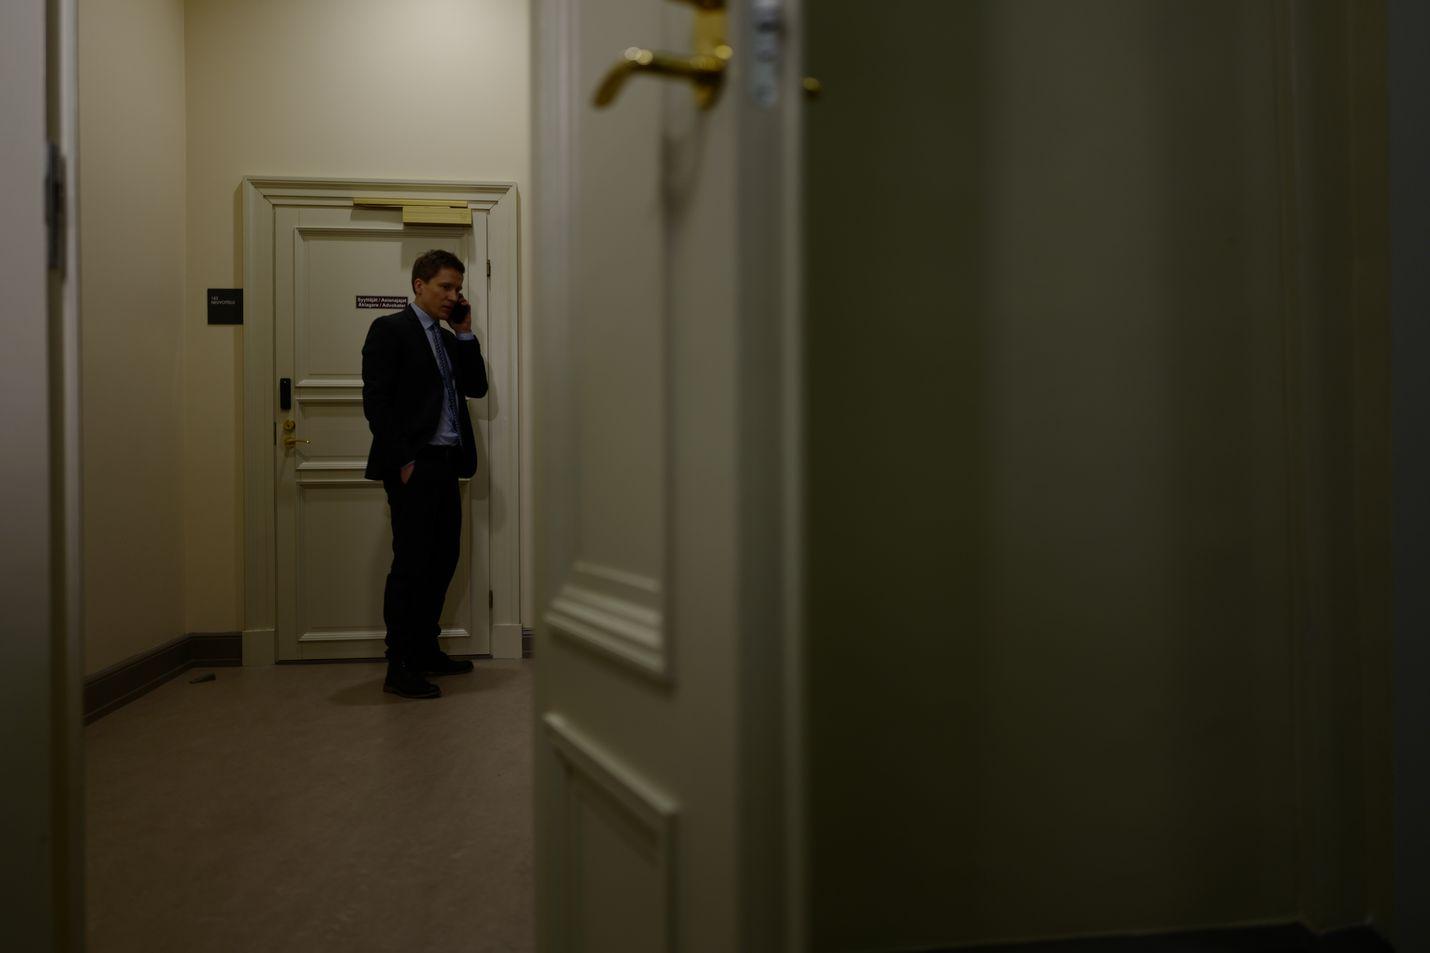 Syyttäjä sampsa hakala Turun hovioikeudessa perjantaina ennen valmisteluistunnon alkamista.